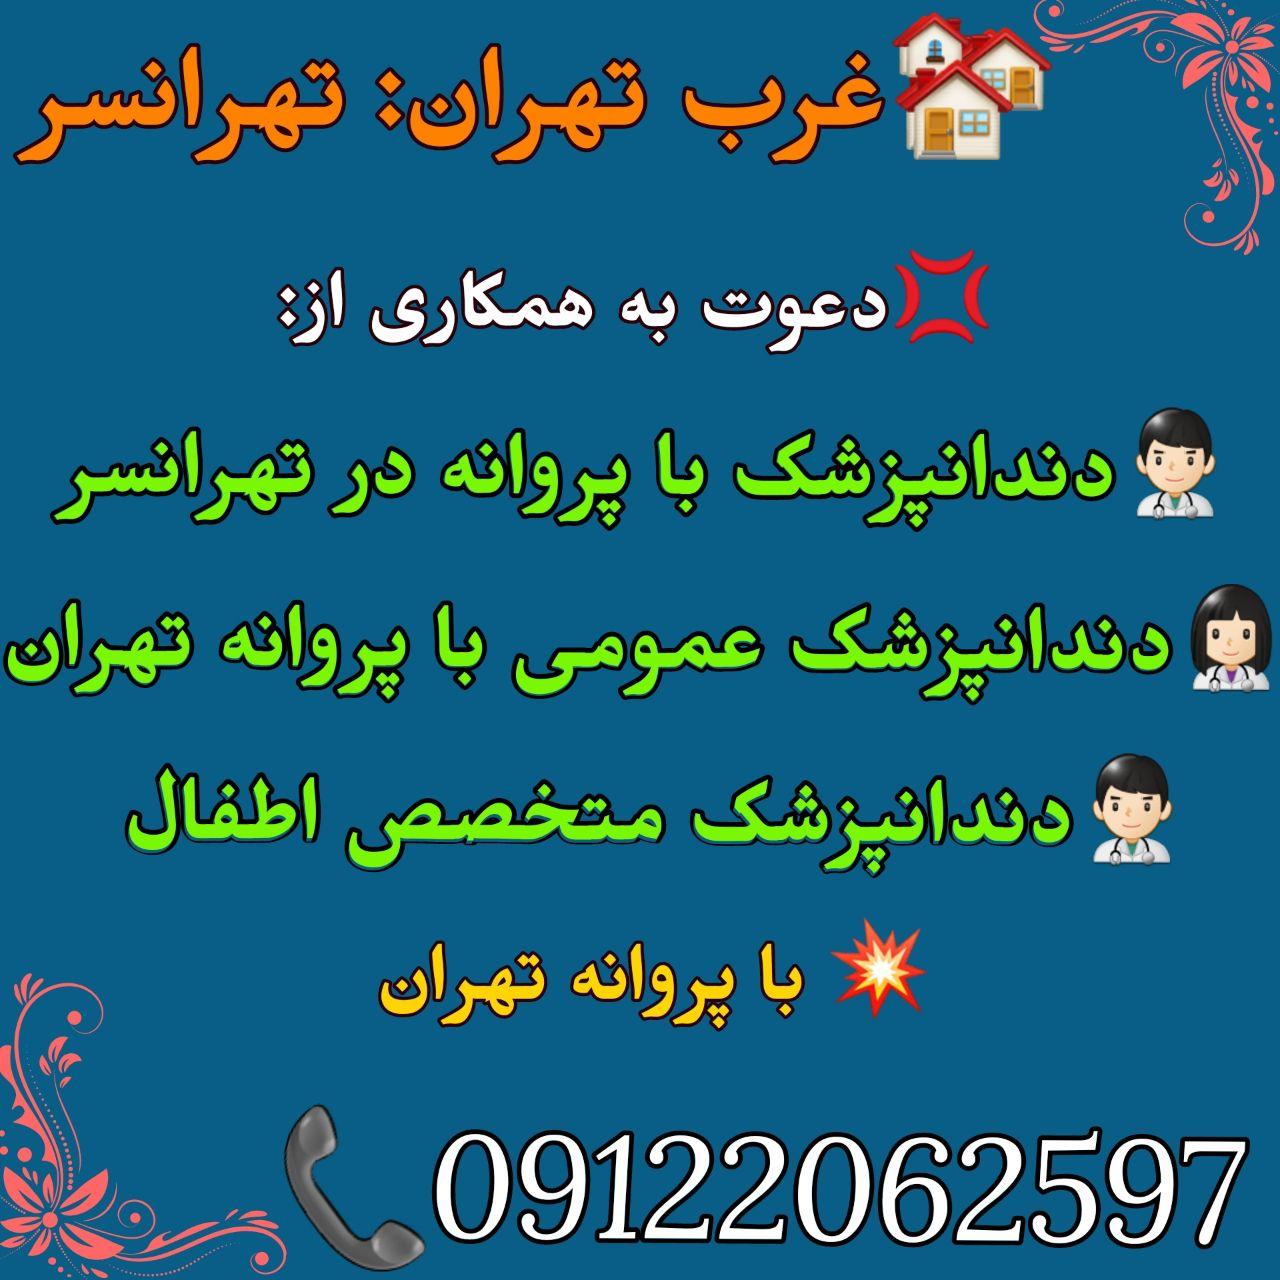 غرب تهران: تهرانسر، نیاز به دندانپزشک با پروانه در تهرانسر، دندانپزشک عمومی با پروانه تهران، و دندانپزشک متخصص اطفال